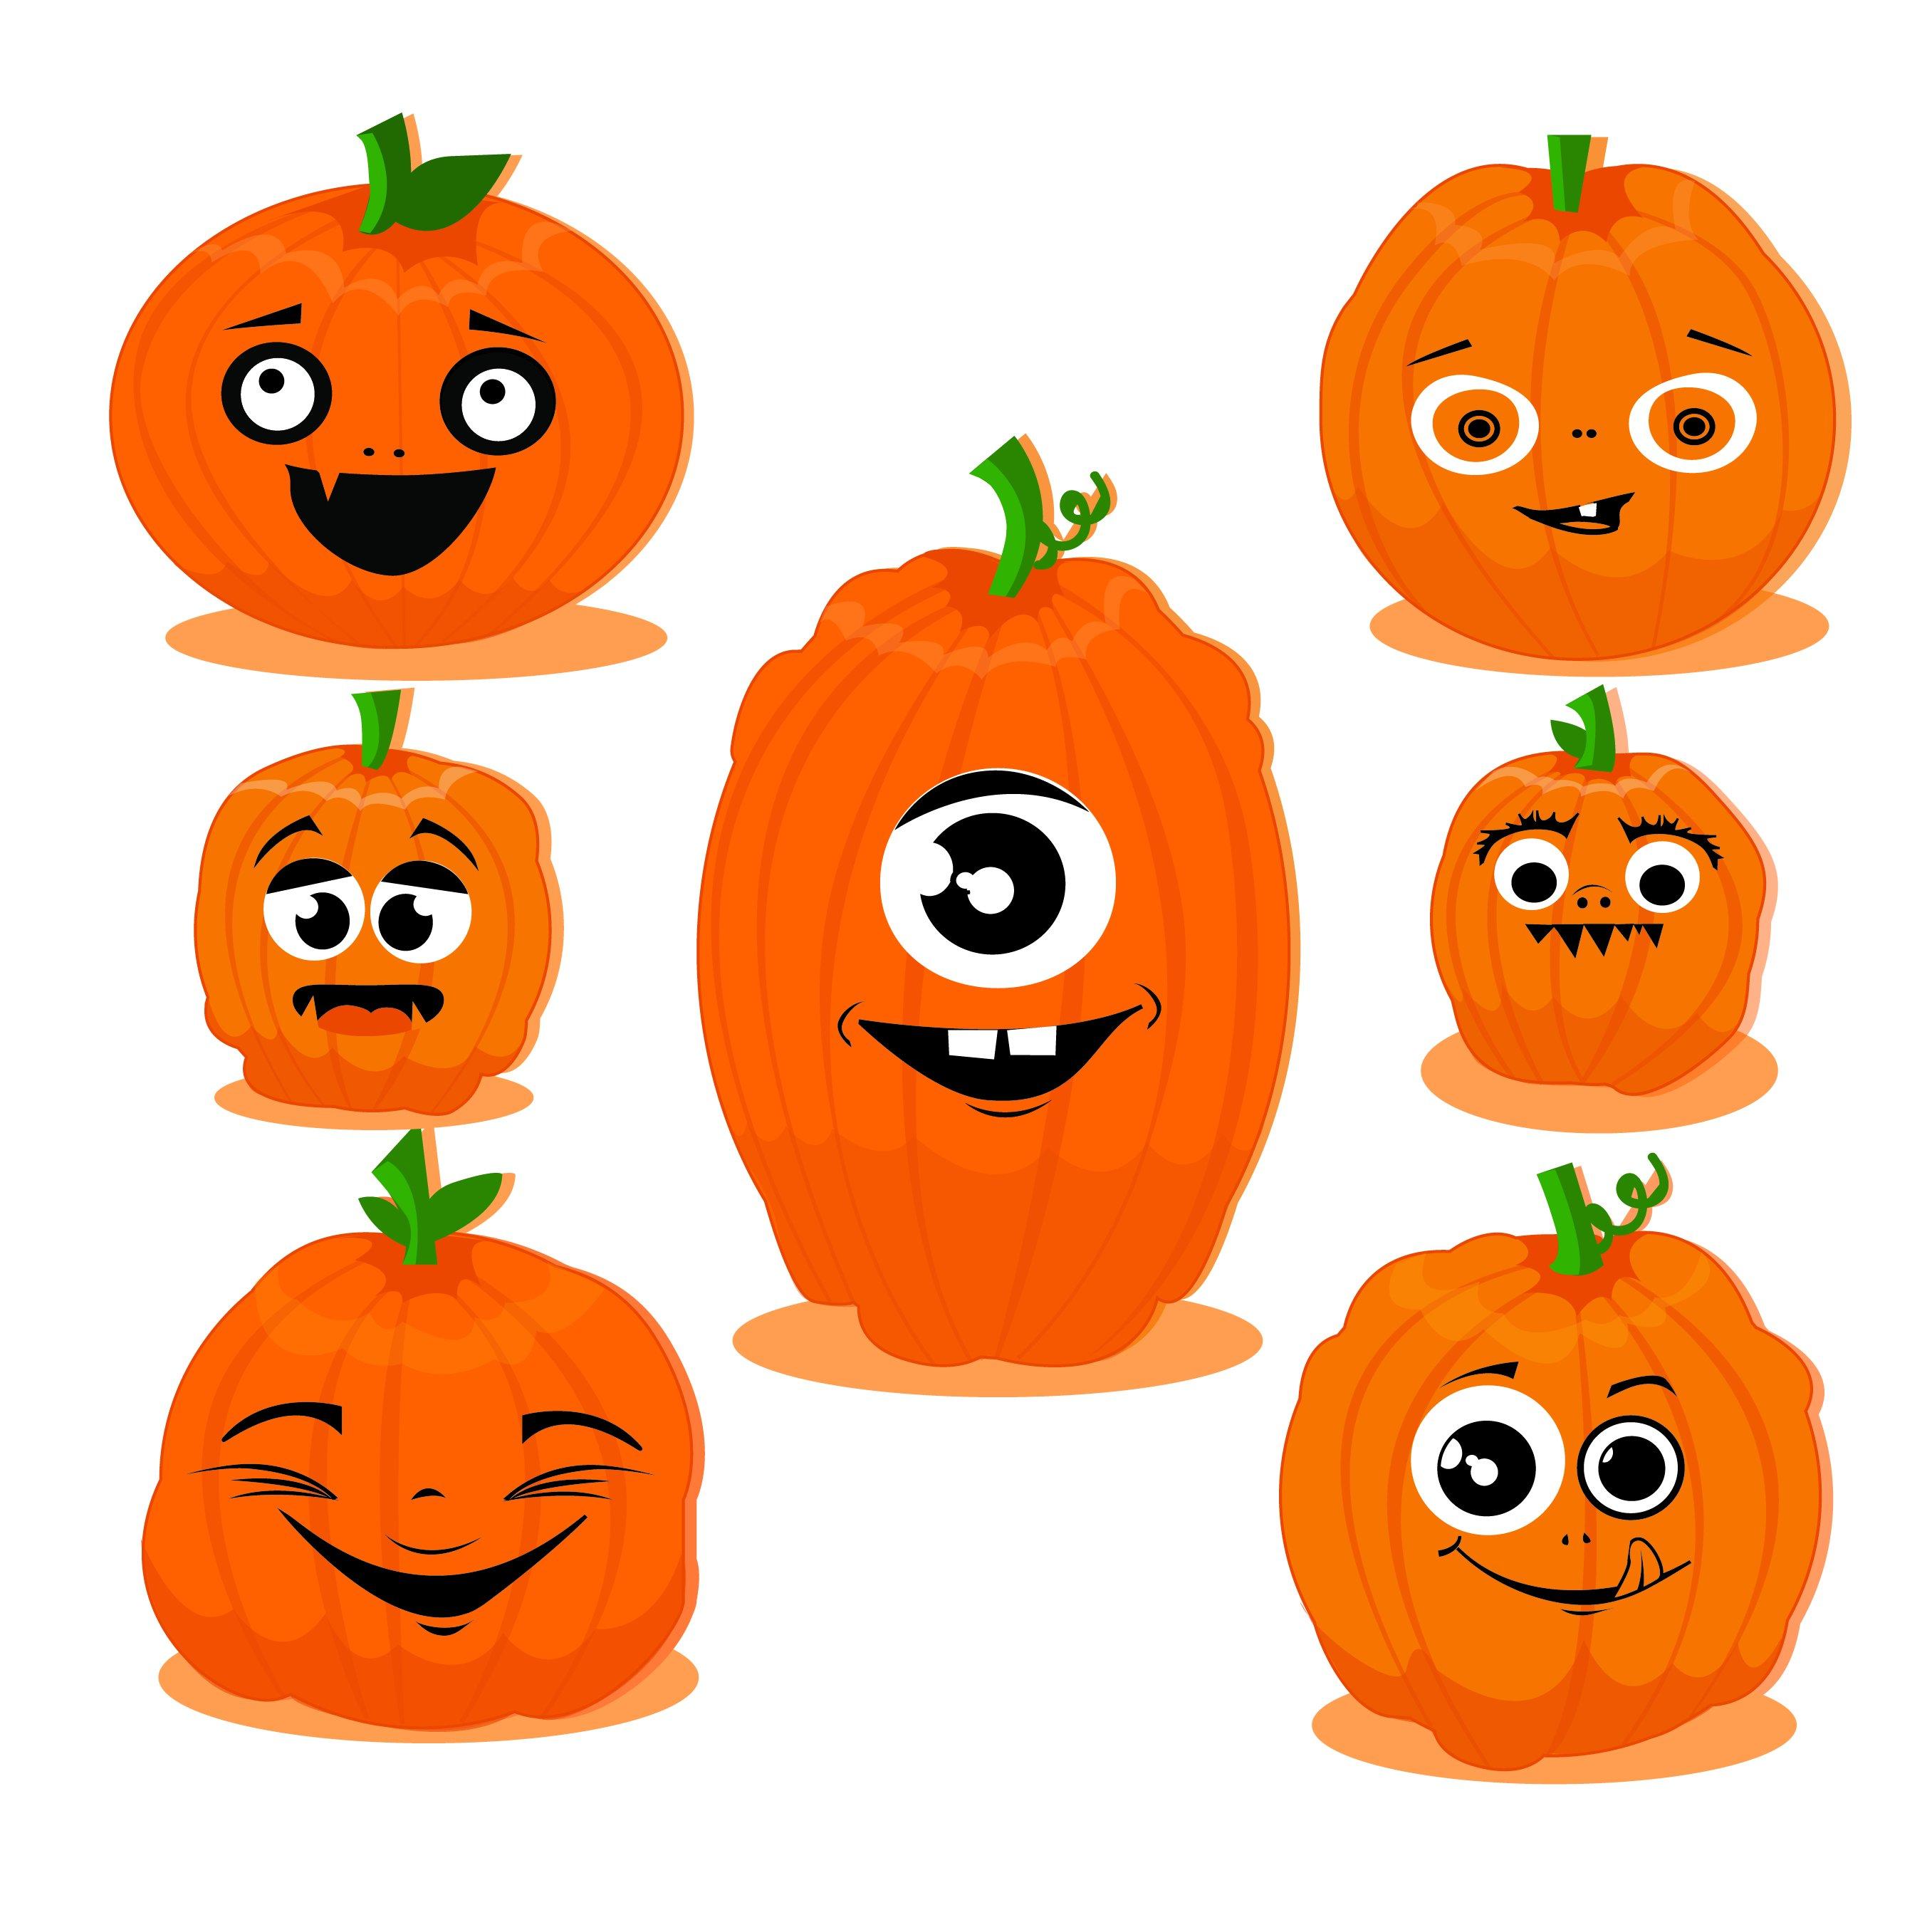 Funny pumpkins clipart ~ Illustrations ~ Creative Market